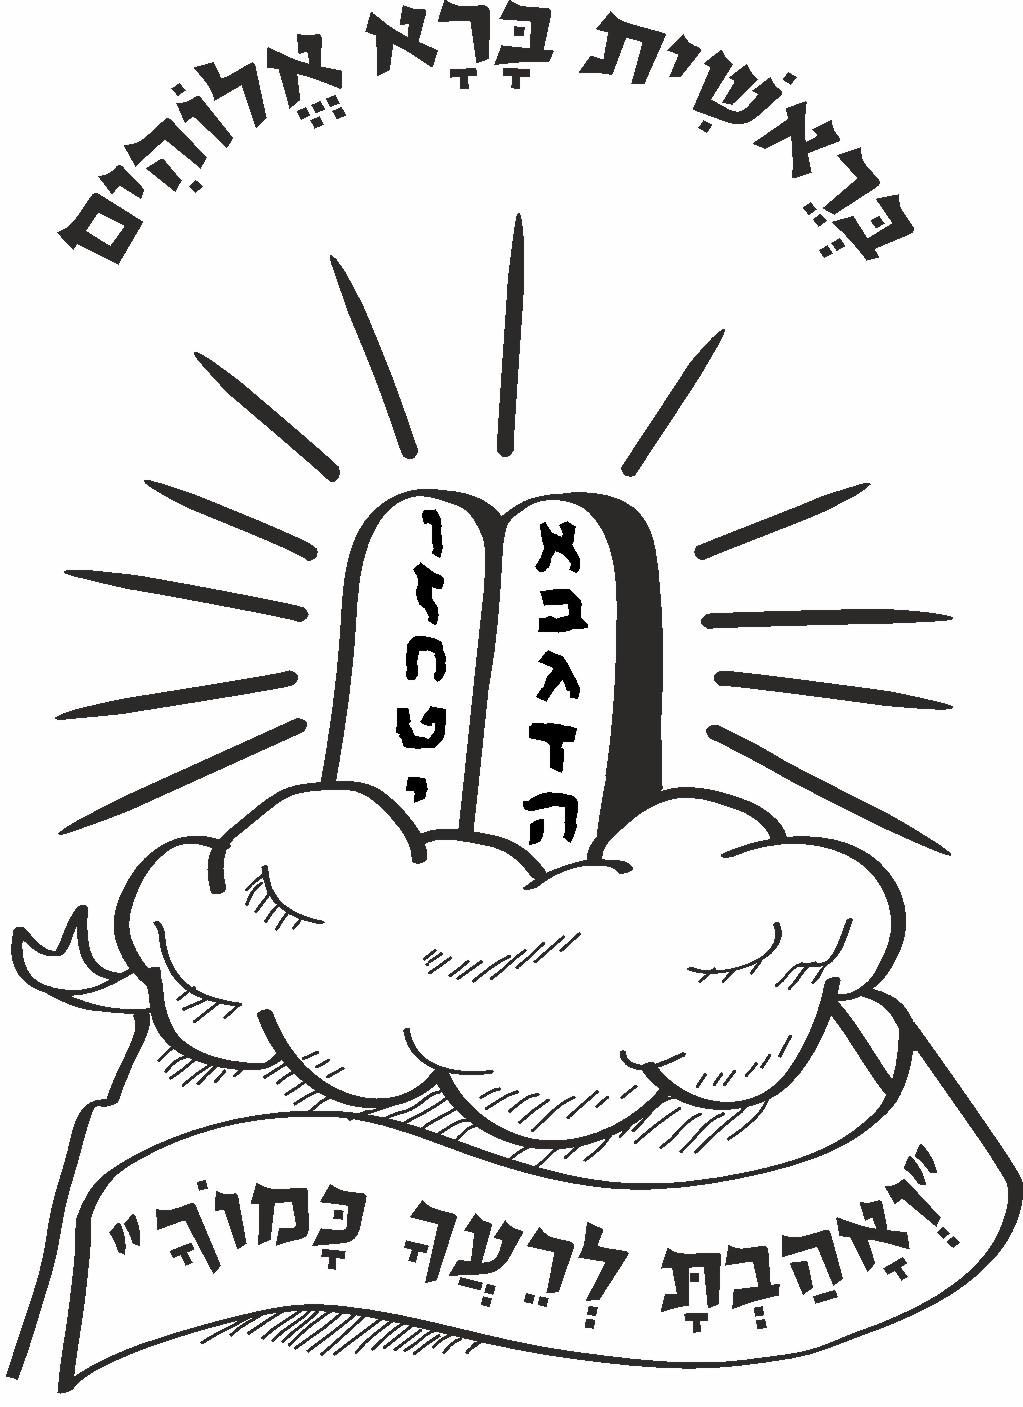 עטיפות לחומש בראשית עטיפה הדפס אחיד  לוחות הברית